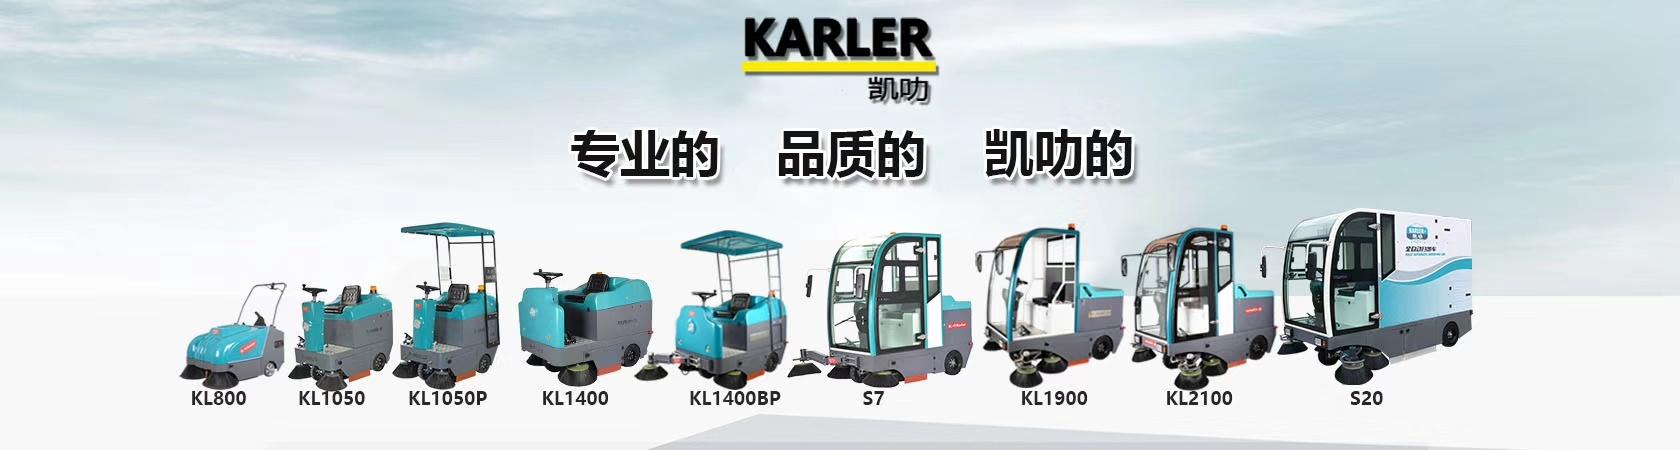 嘉兴大吸力工业驾驶式扫地机KL2100 工厂物业学校灰尘清扫车示例图19